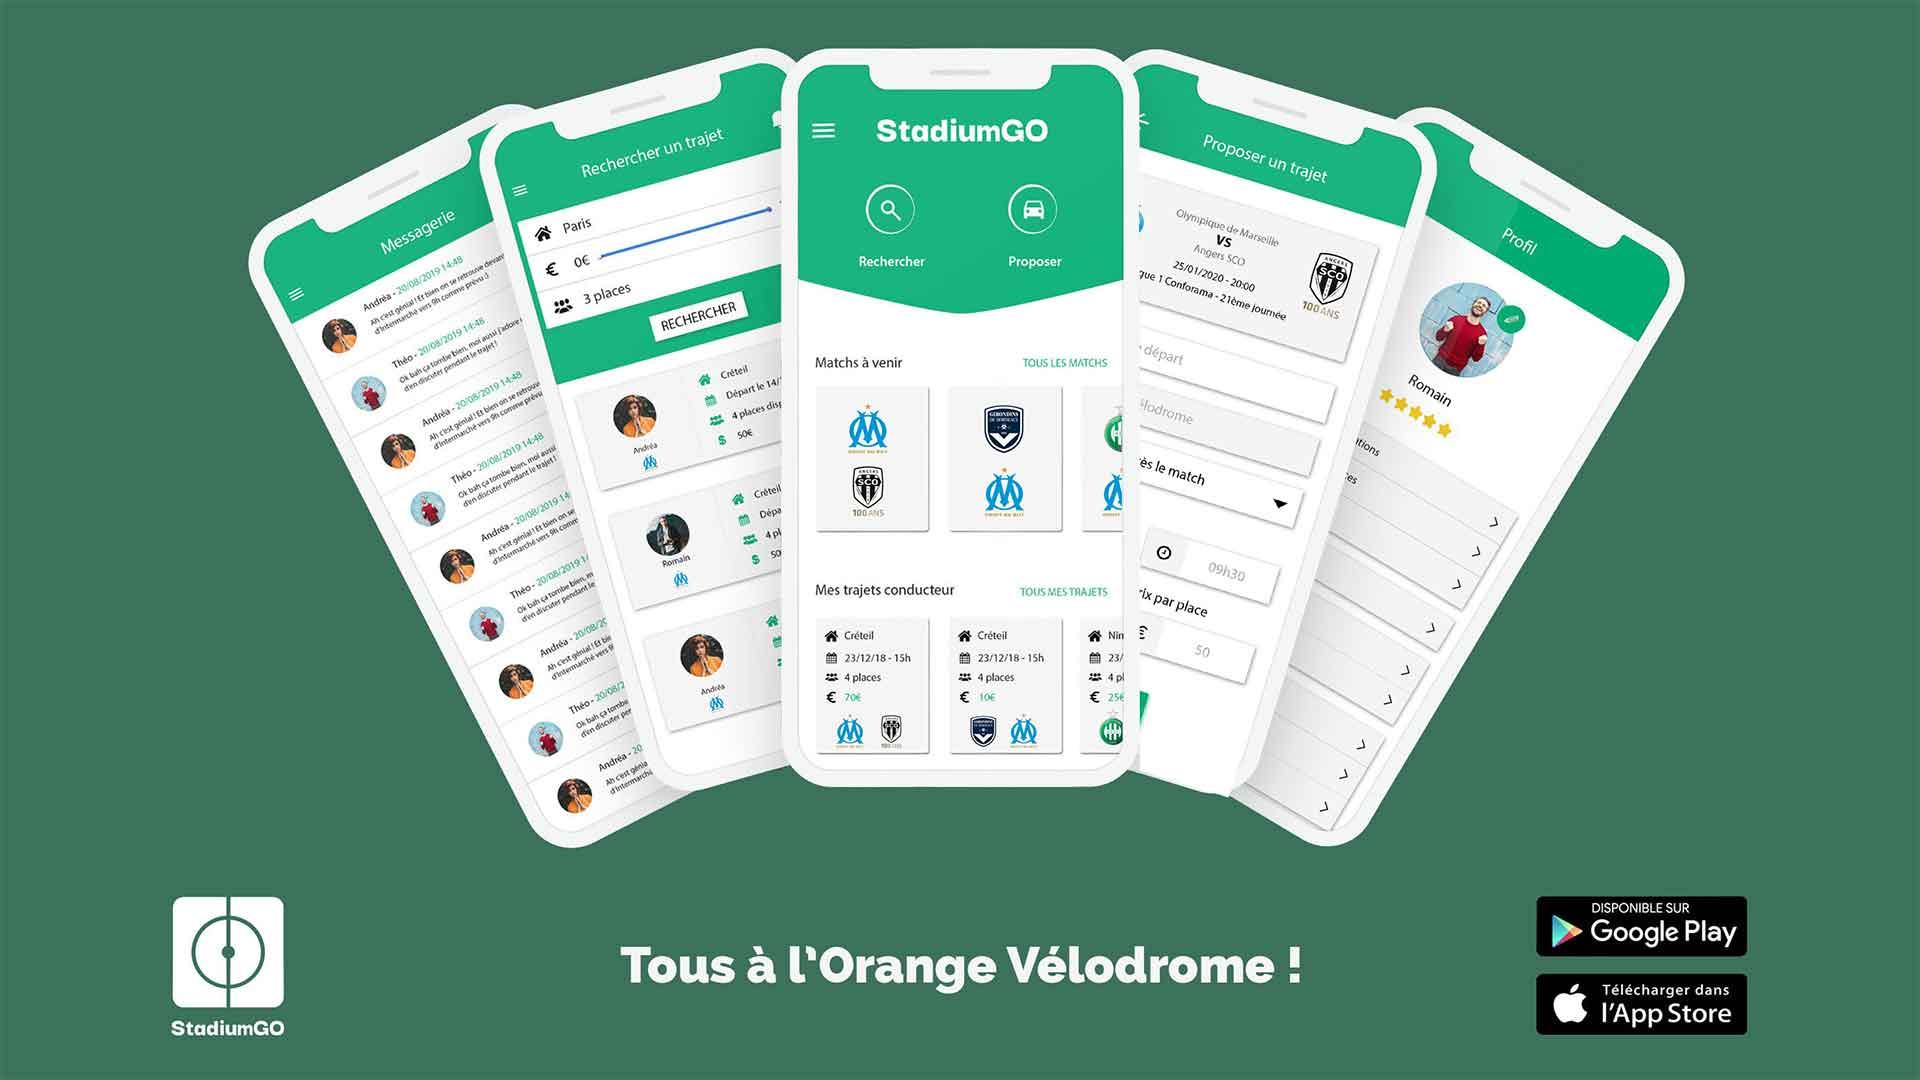 L'Olympique de Marseille s'associe avec l'application StadiumGO